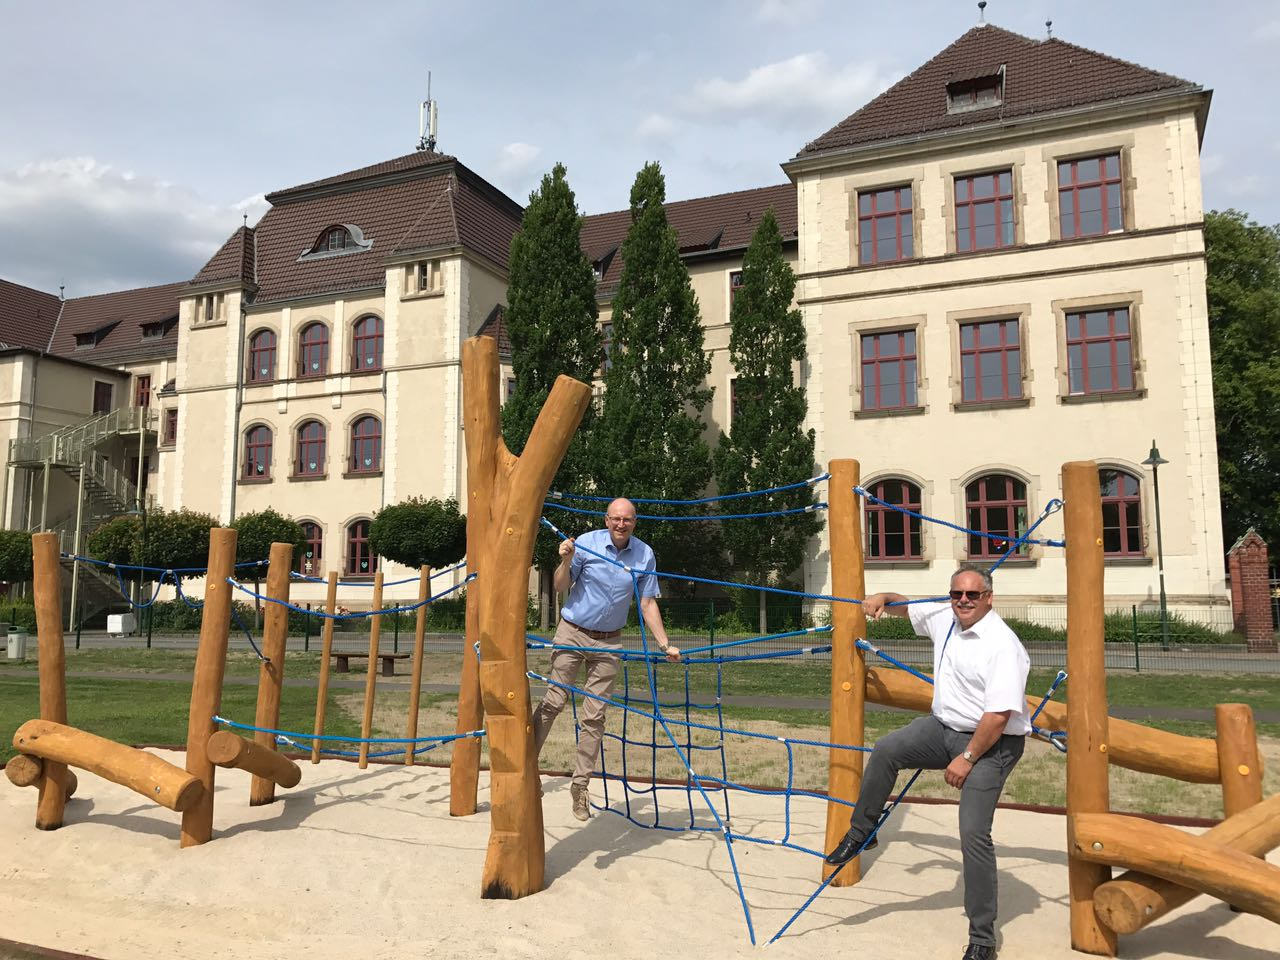 Bgm_Esken_Spielplatz (Foto_Neubauer)